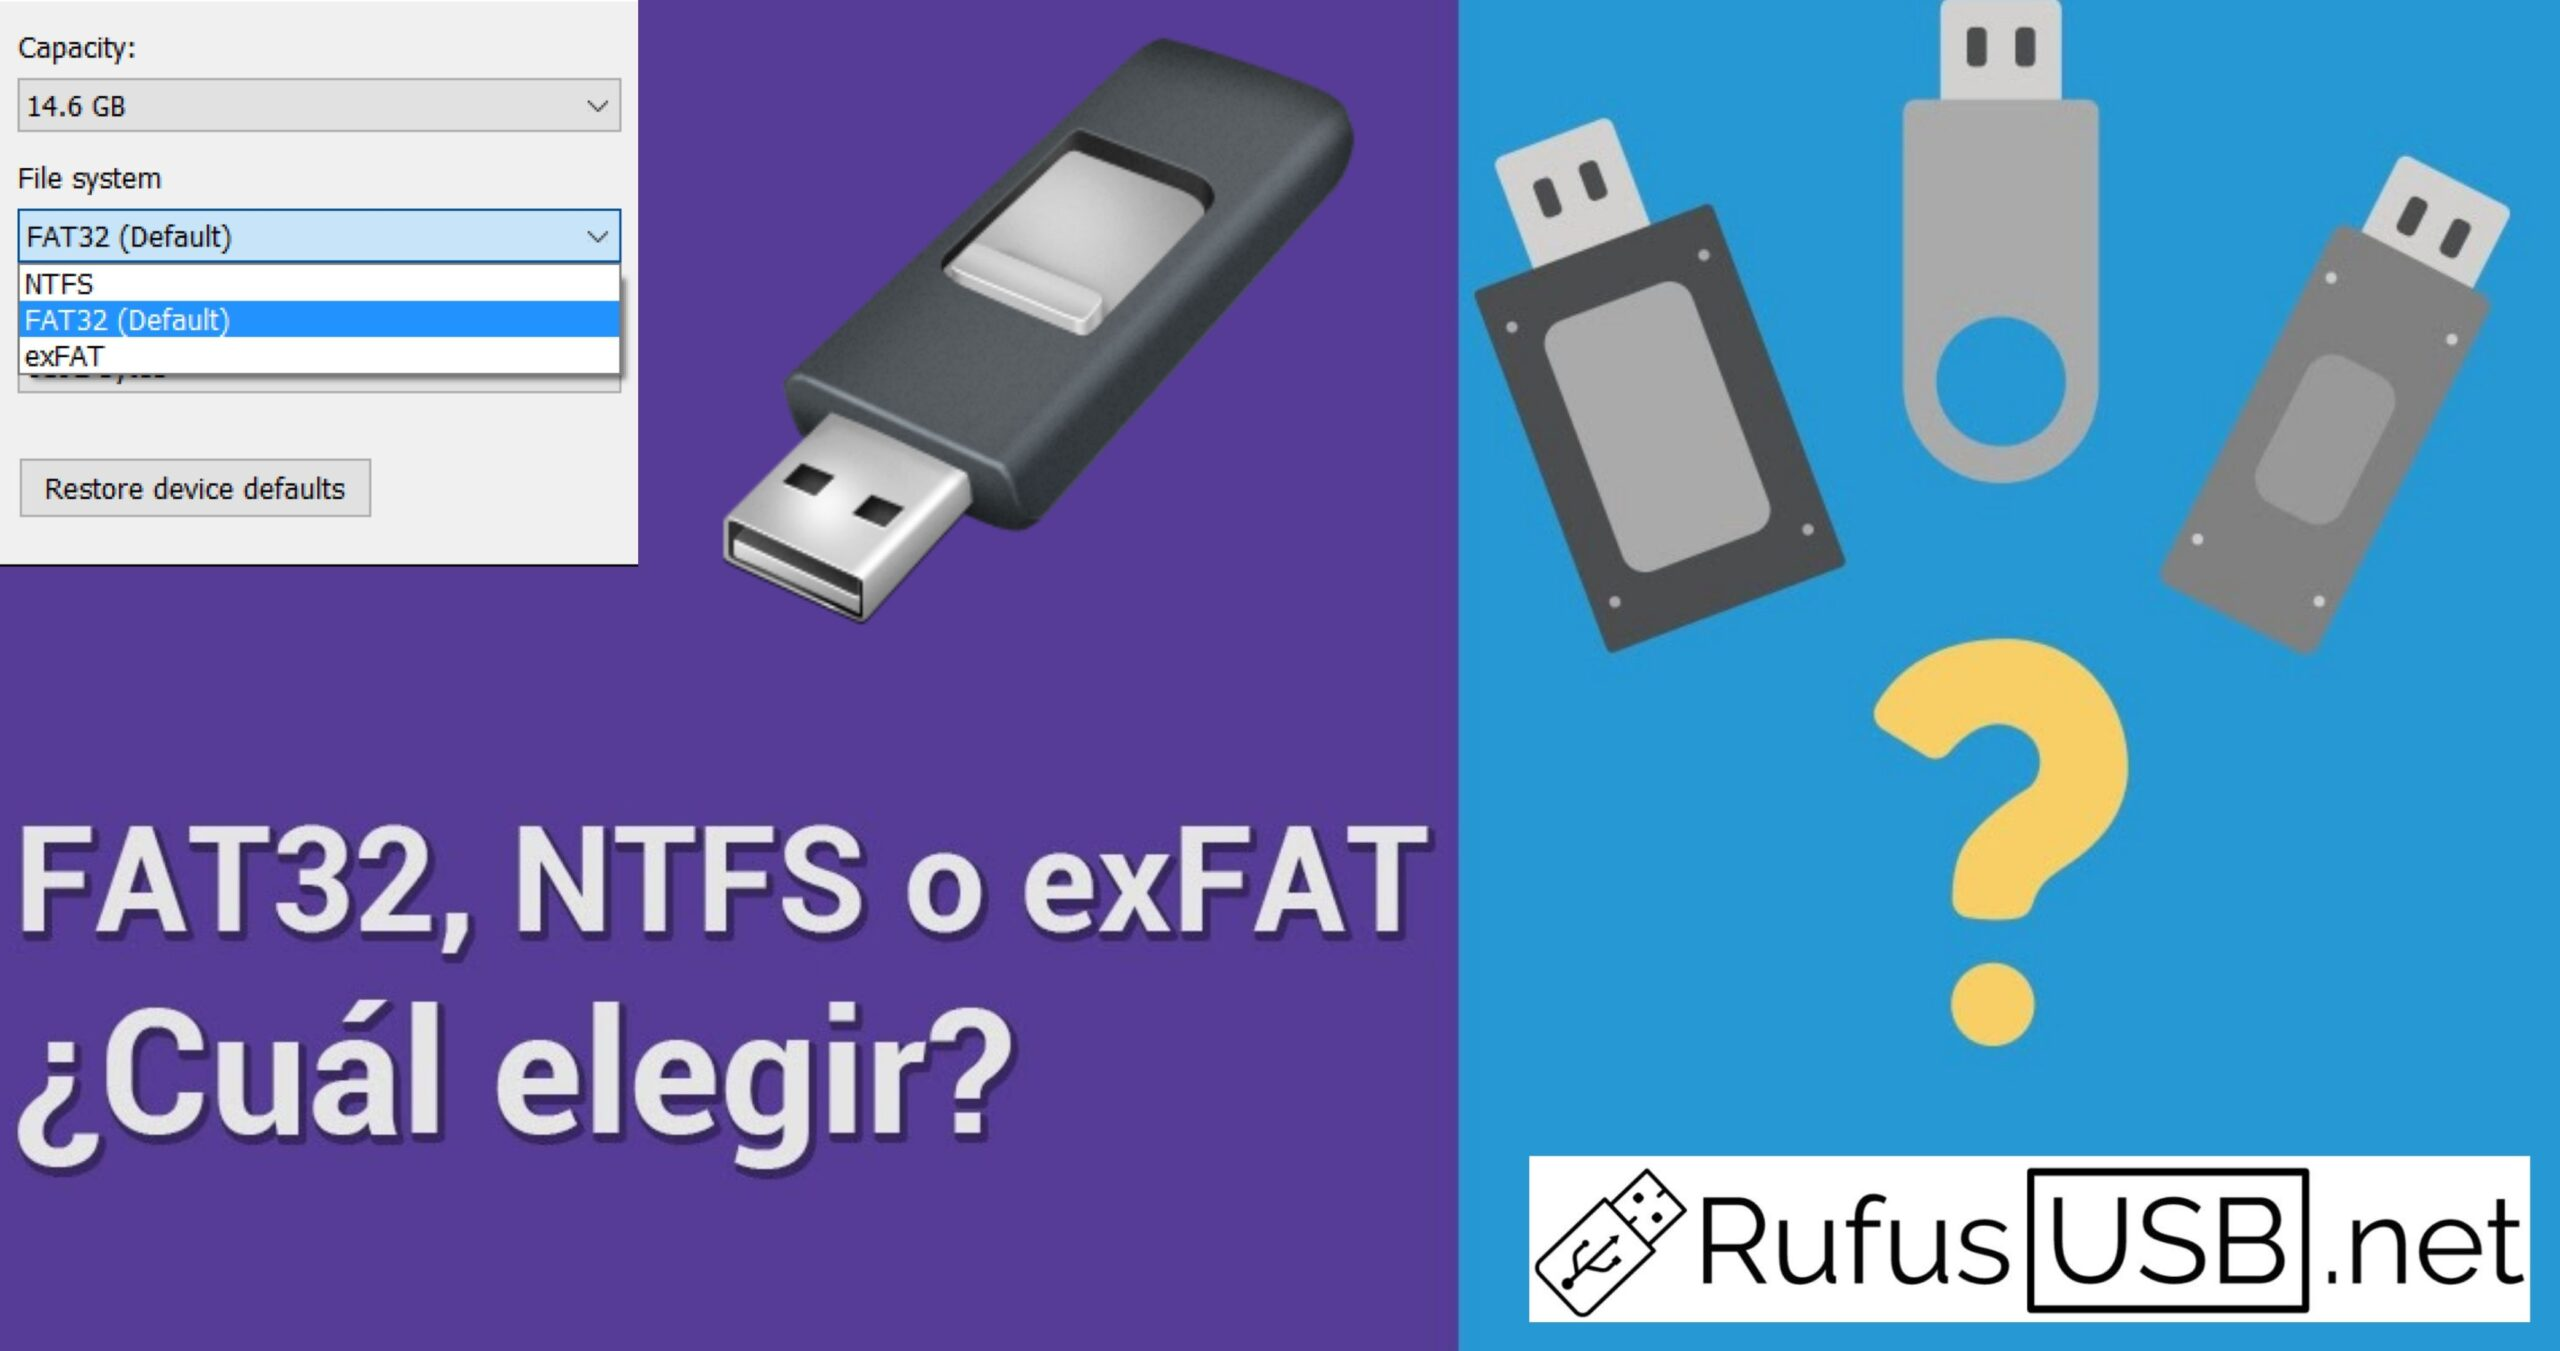 Diferencias entre FAT32, NTFS y exFAT